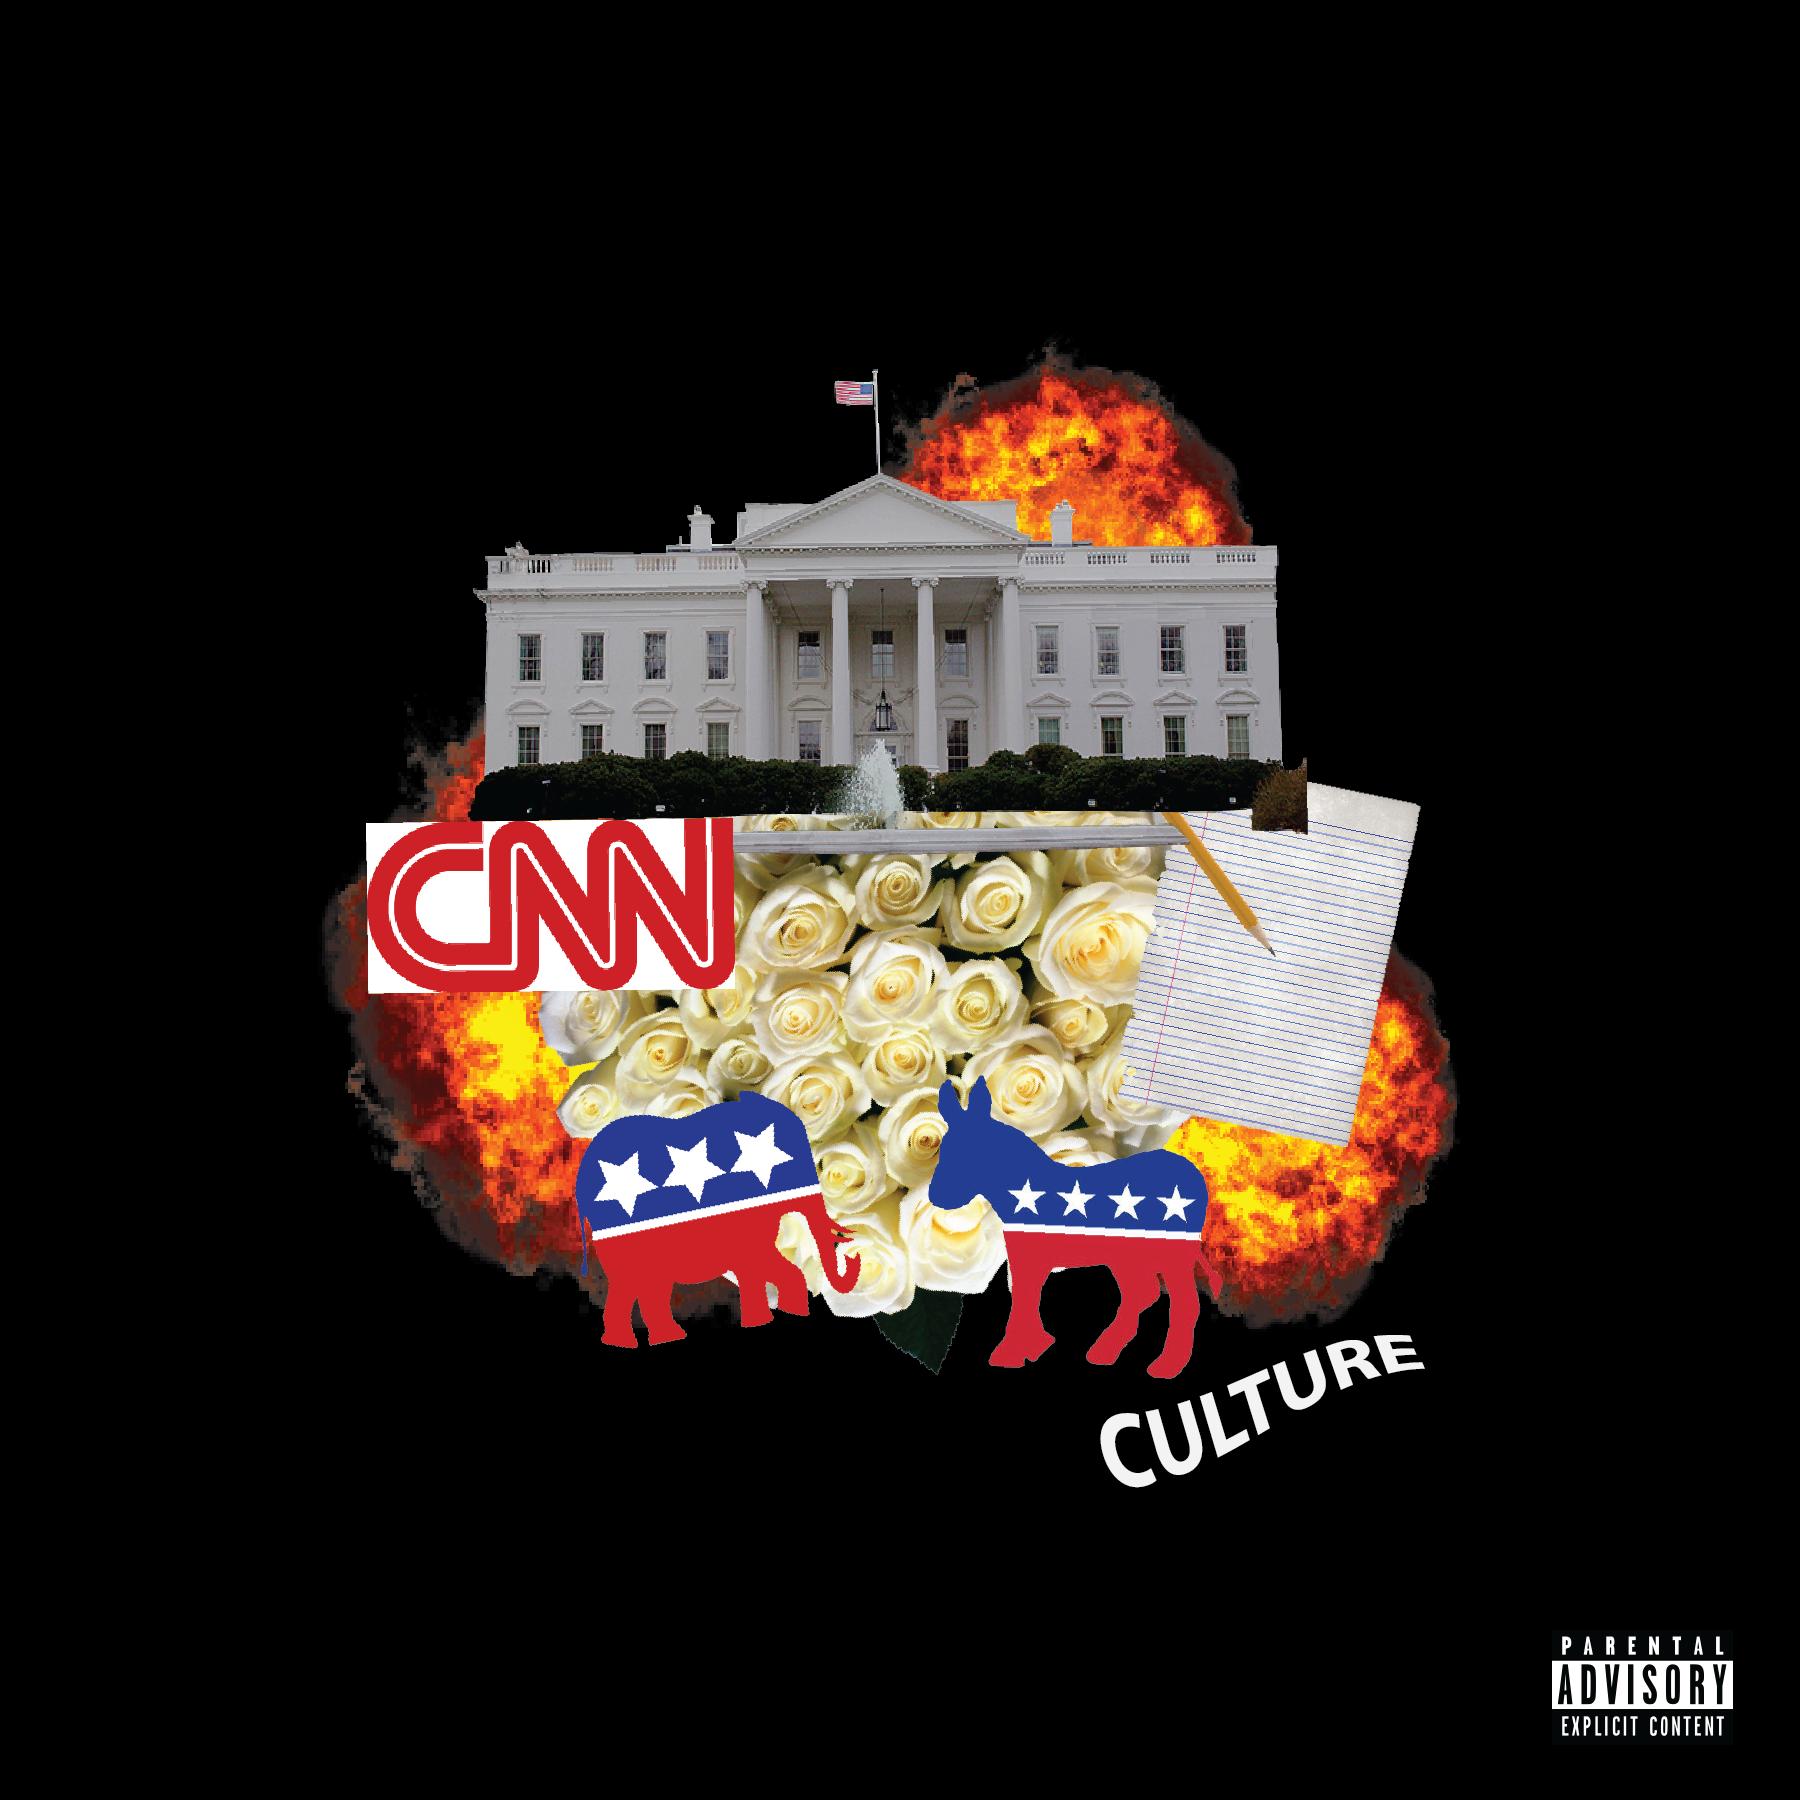 Culture-01-01.png